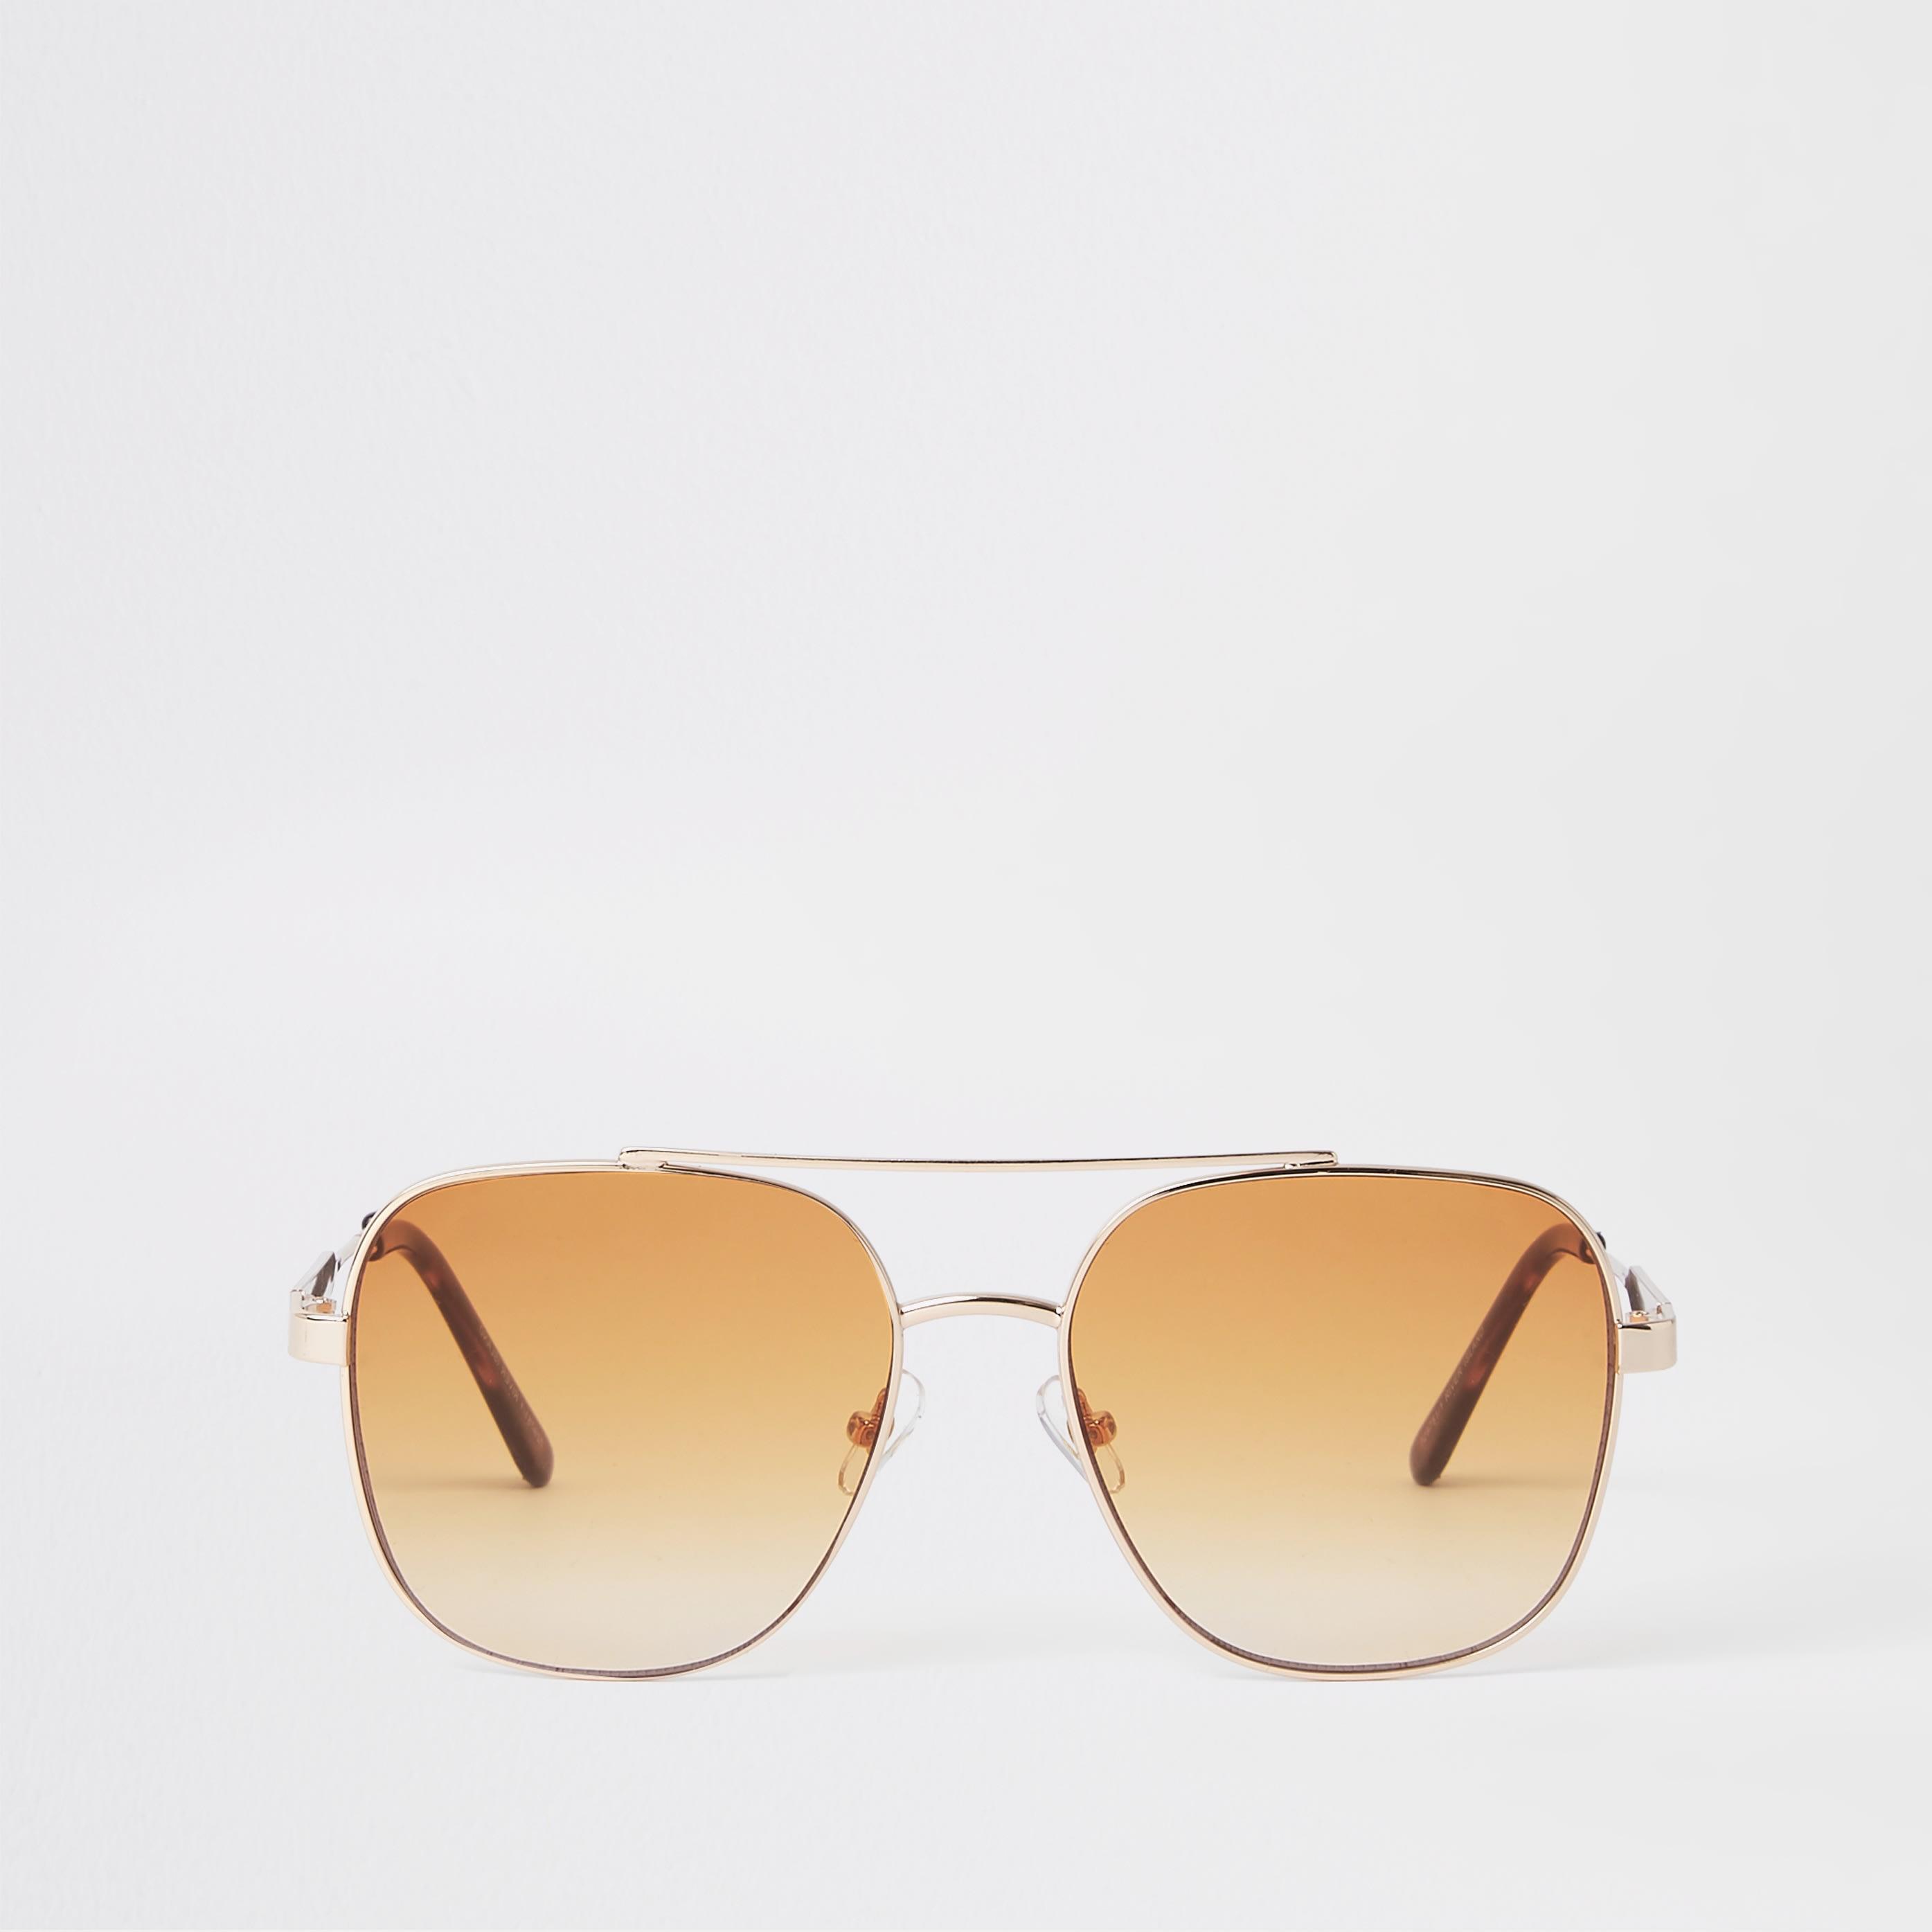 RIVER ISLAND | Womens Gold Tone Orange Lens Aviator Sunglasses | Goxip